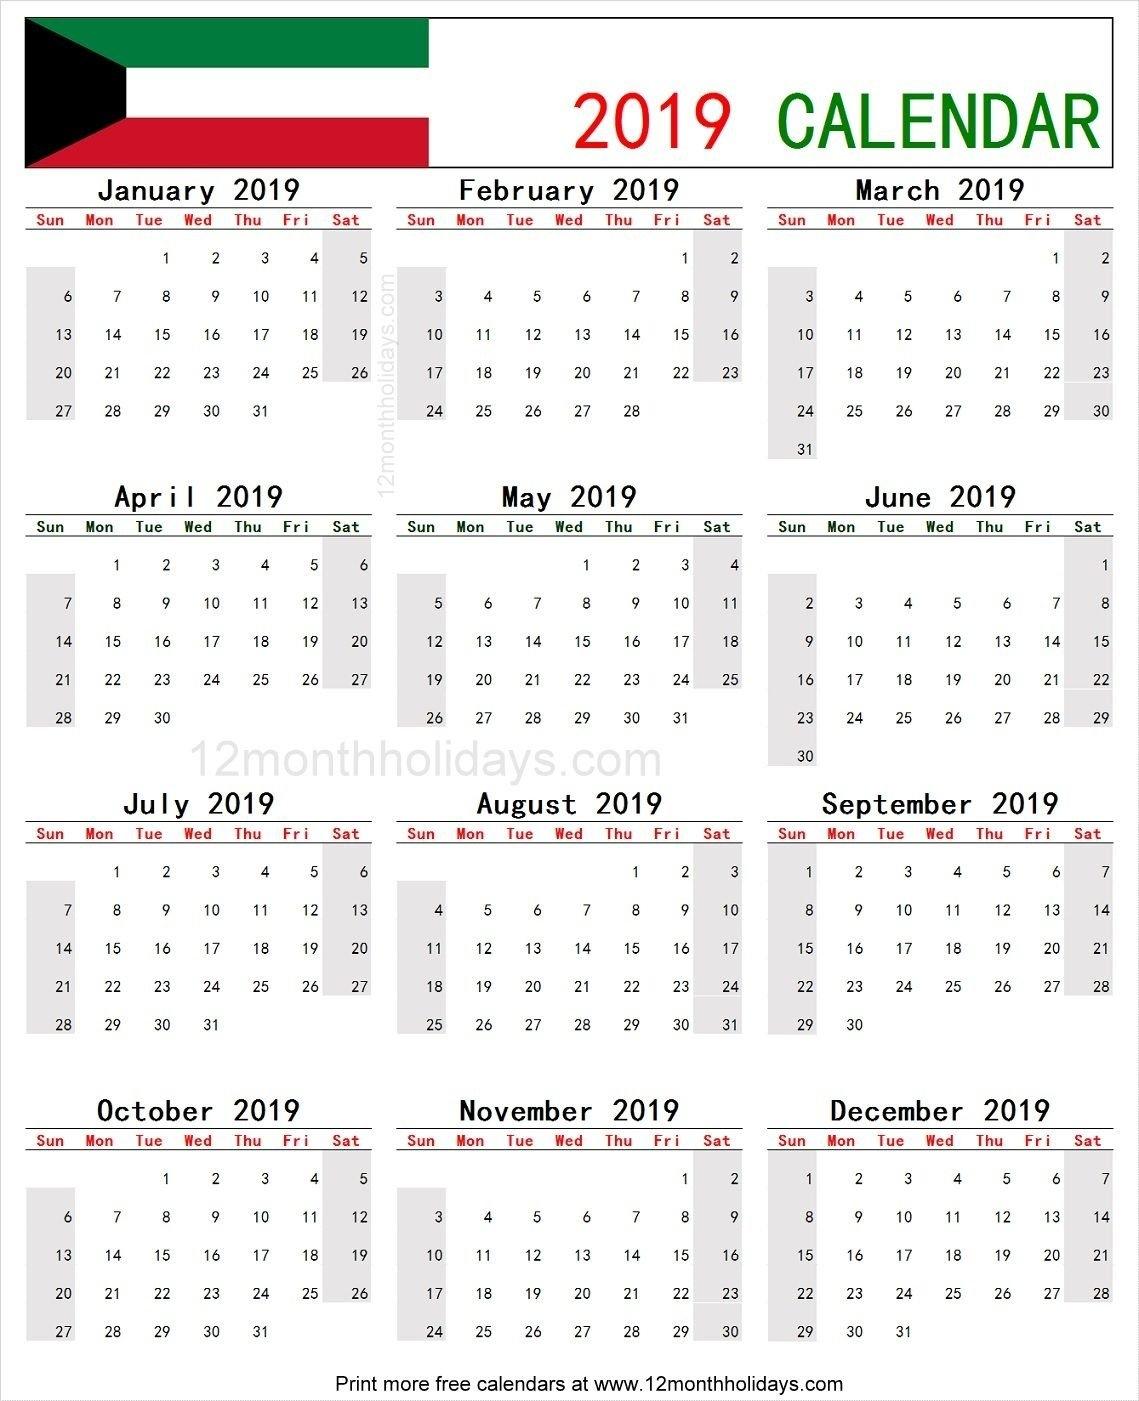 Calendar 2019 Kuwait | 2019 Yearly Calendar | Pinterest | Calendar Calendar 2019 Kuwait